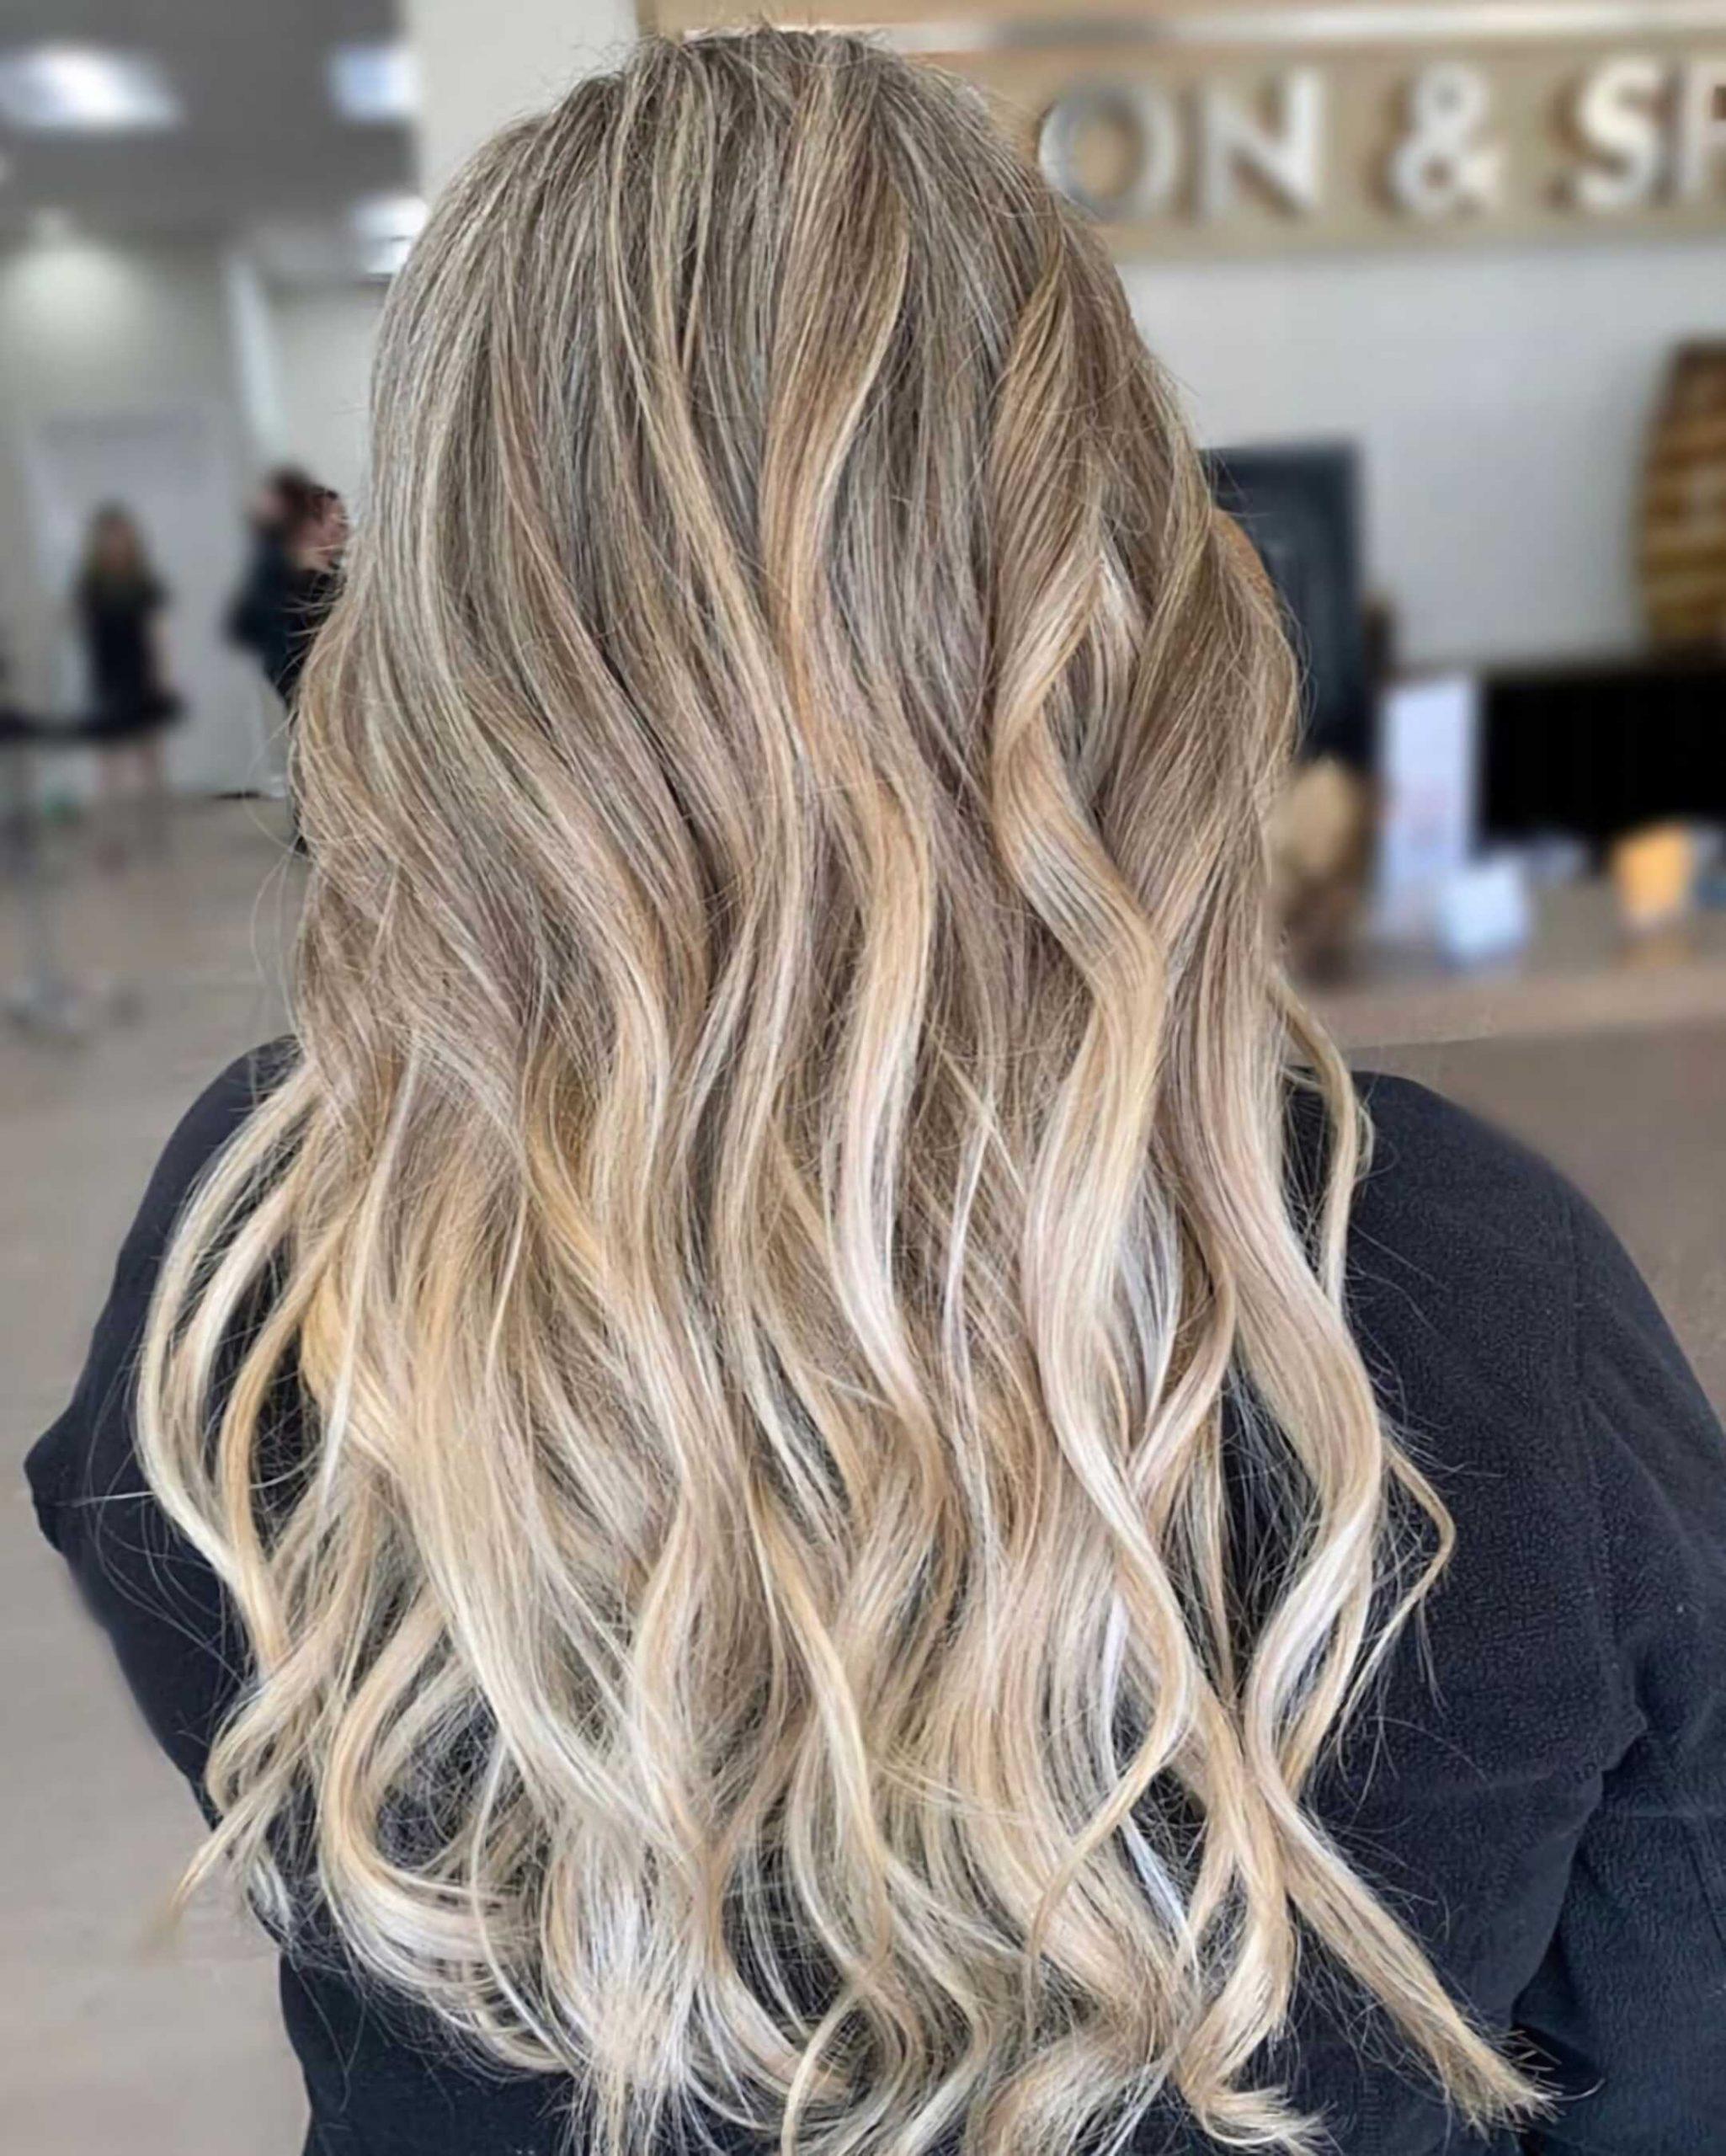 окрашивание омбре на светлые волосы